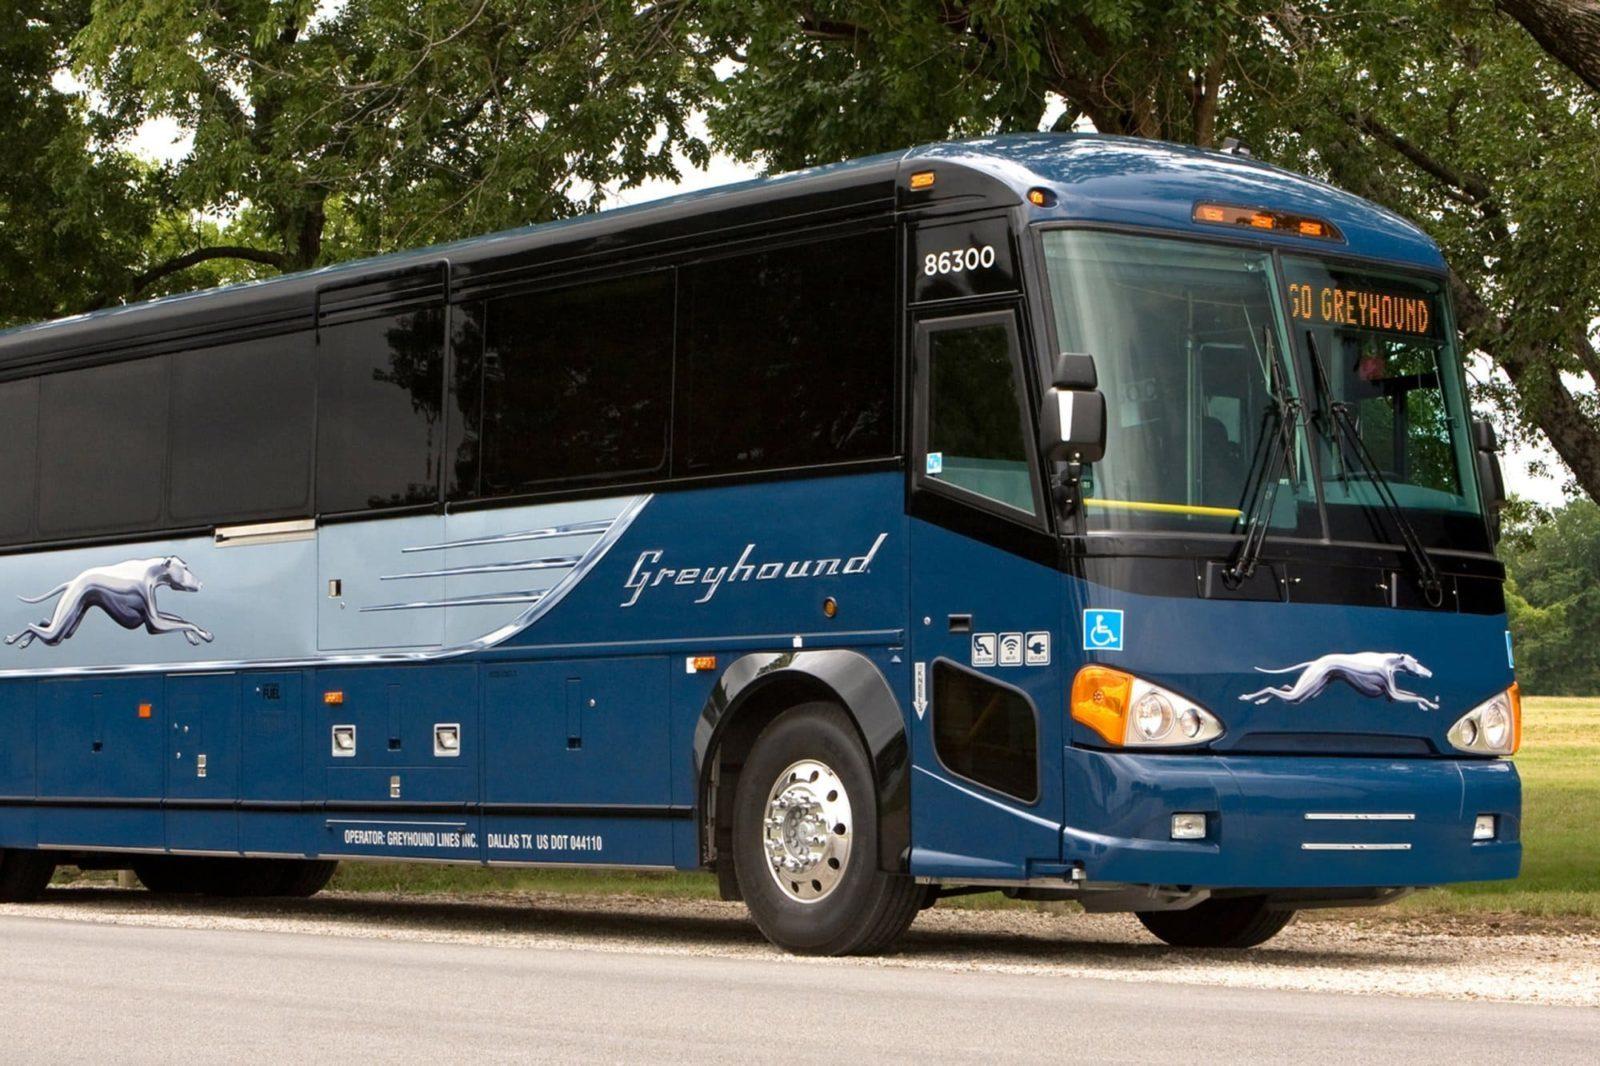 10 Injured in Greyhound Bus Accident | Greyhound Bus Crash